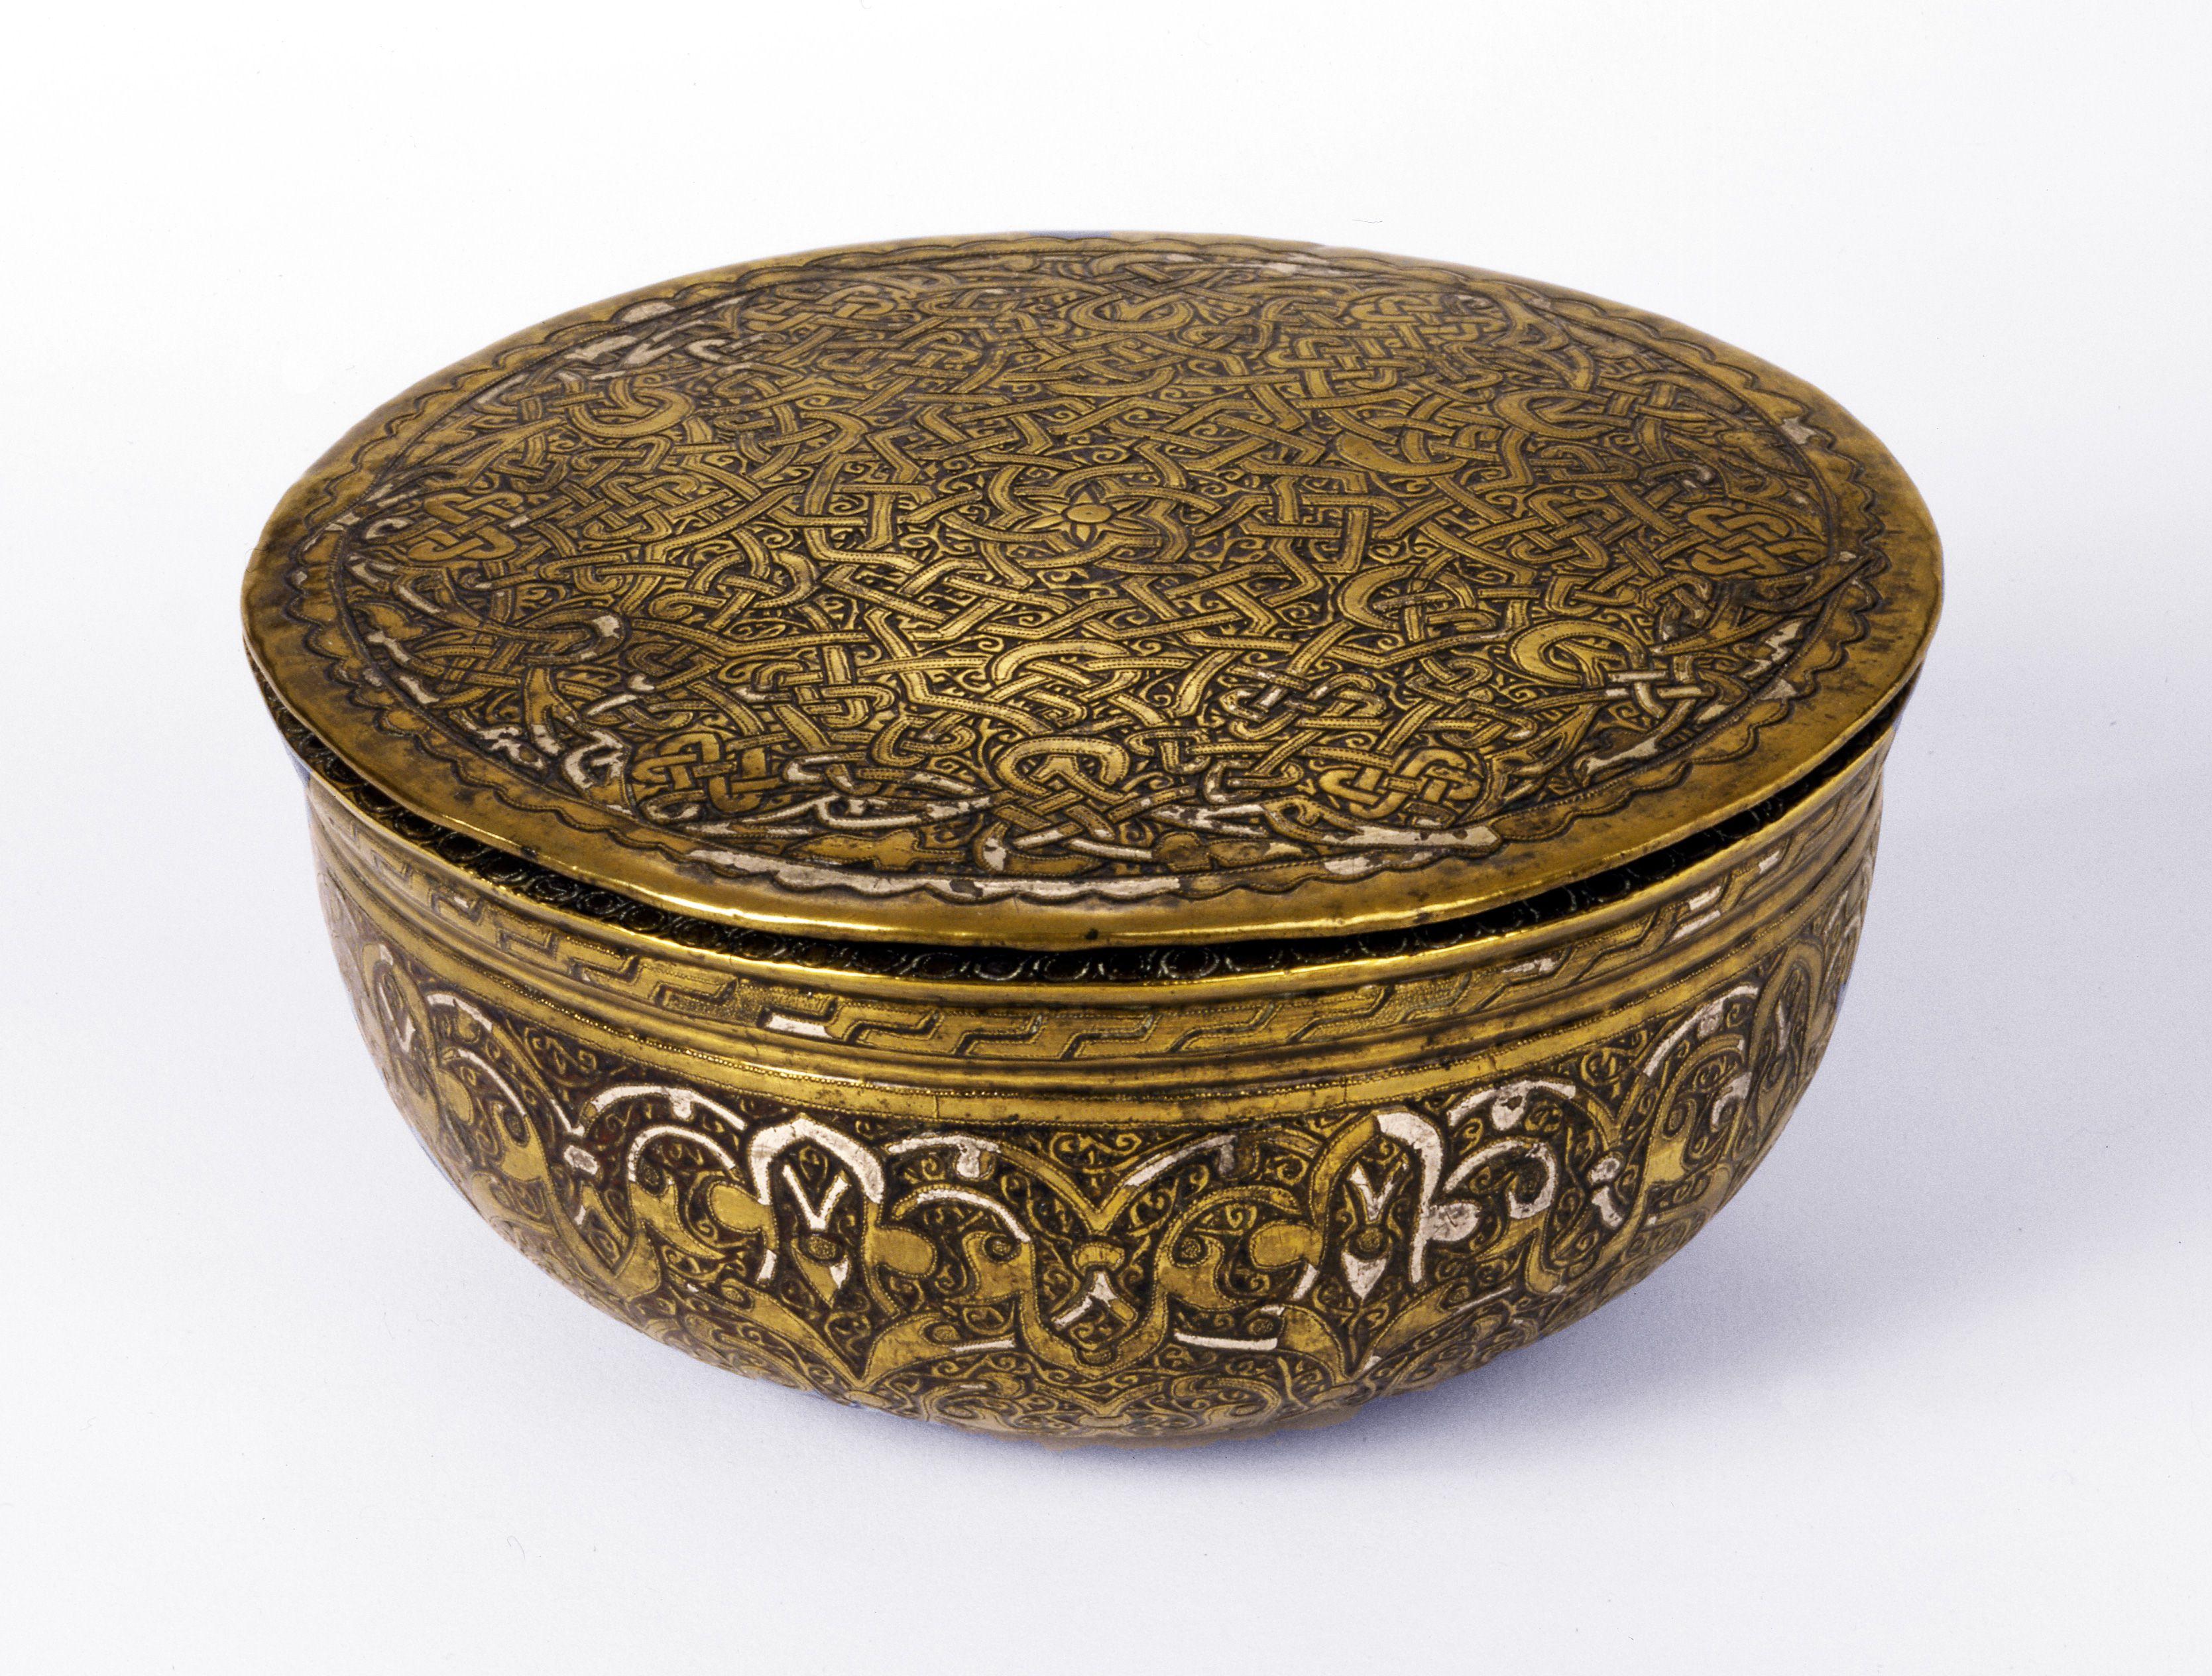 Lågskål af støbt messing indlagt med sølv og guld Syrien; 15. århundrede H: 6; Diam: 12,8 cm